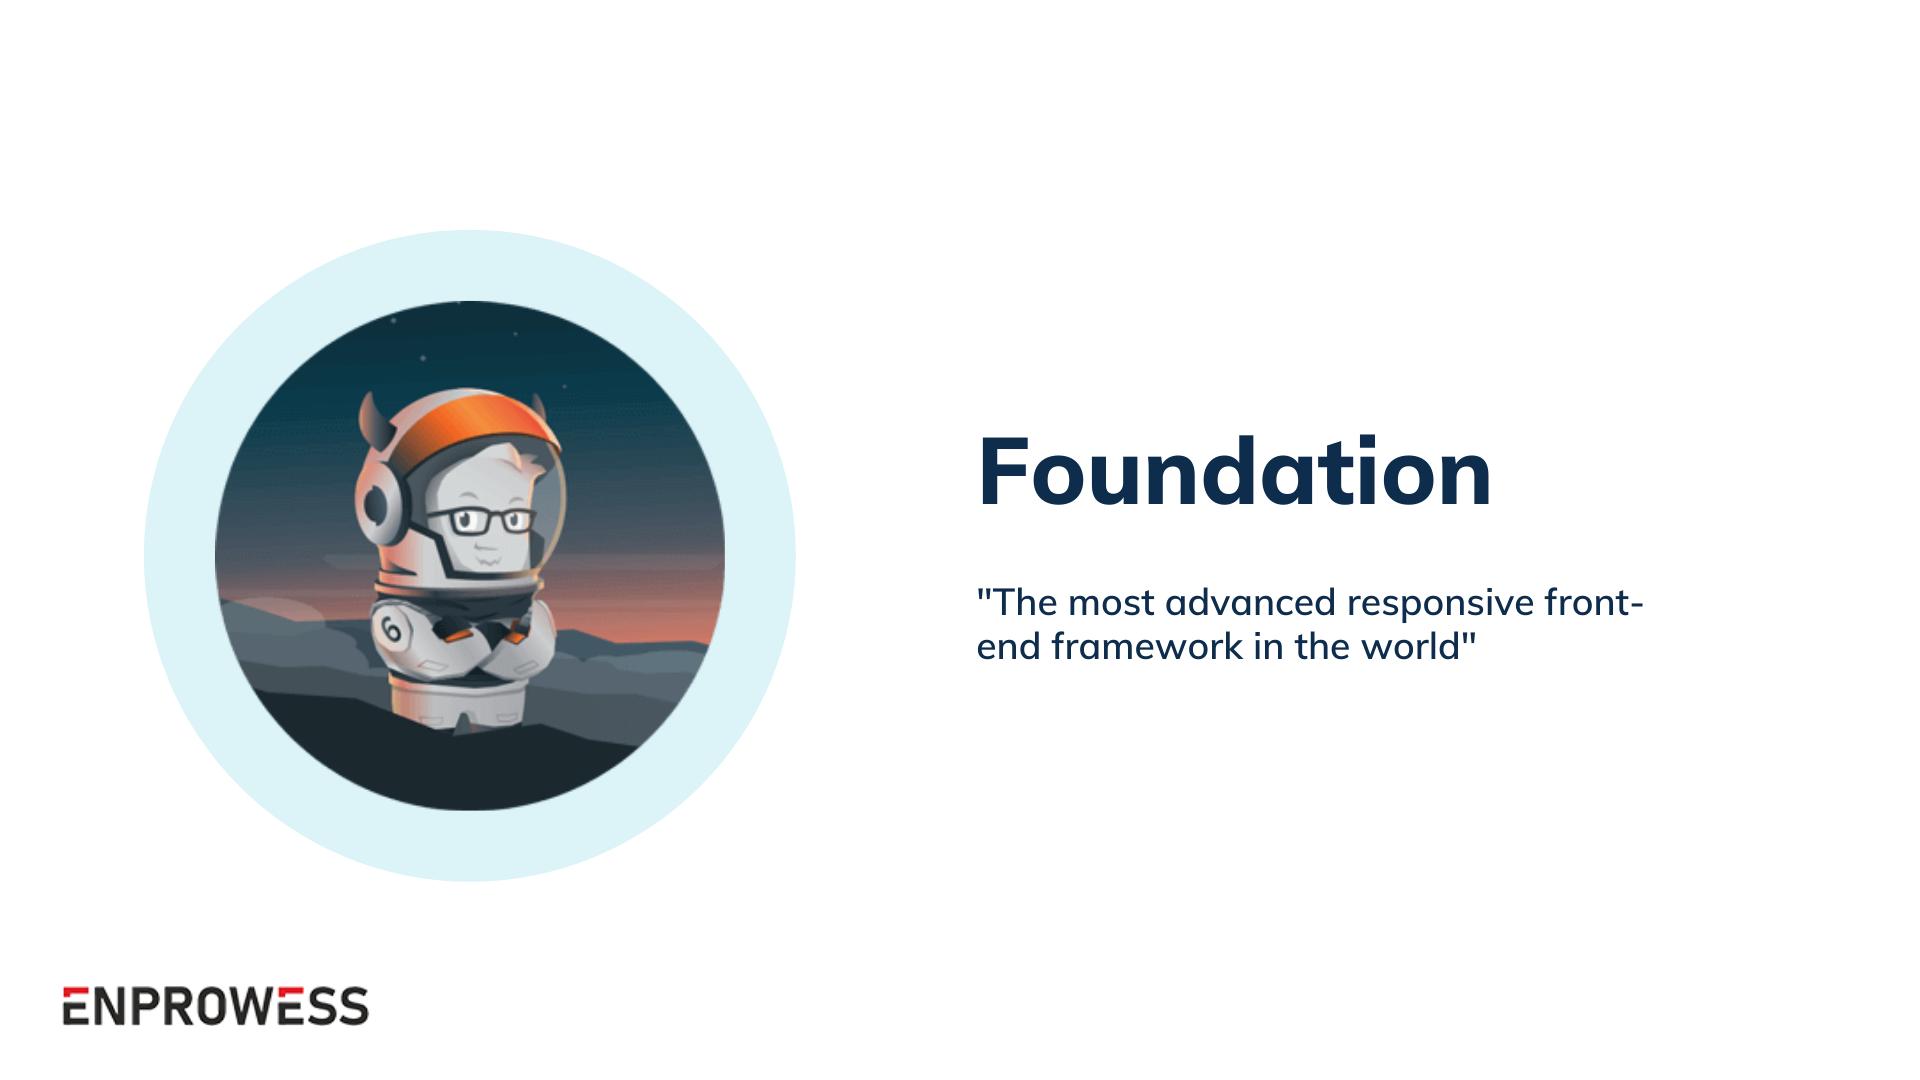 Top Frontend Frameworks - Foundation